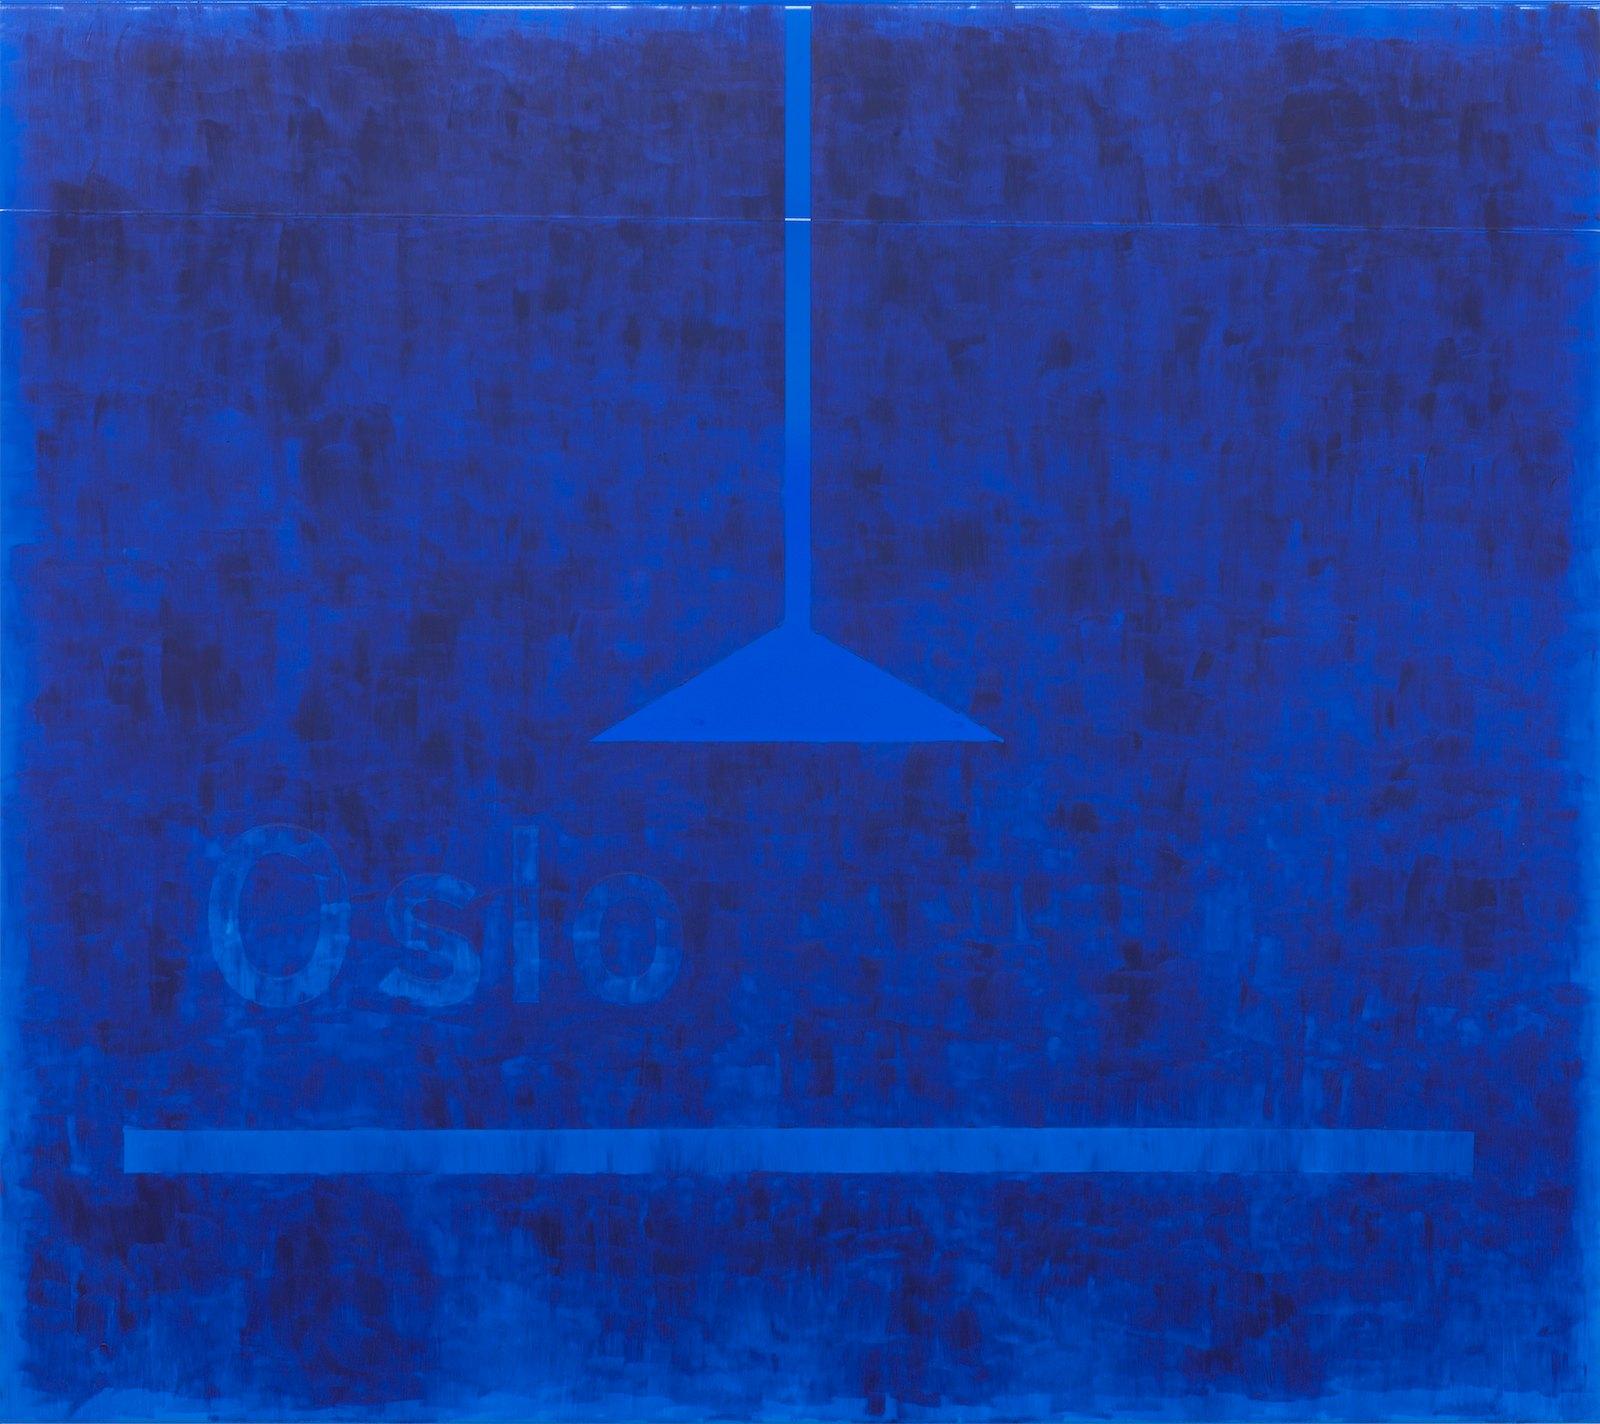 Oslo # 6, 2014, vinyl and acrylic on aluminum, 145 x 161 x 3,5 cm